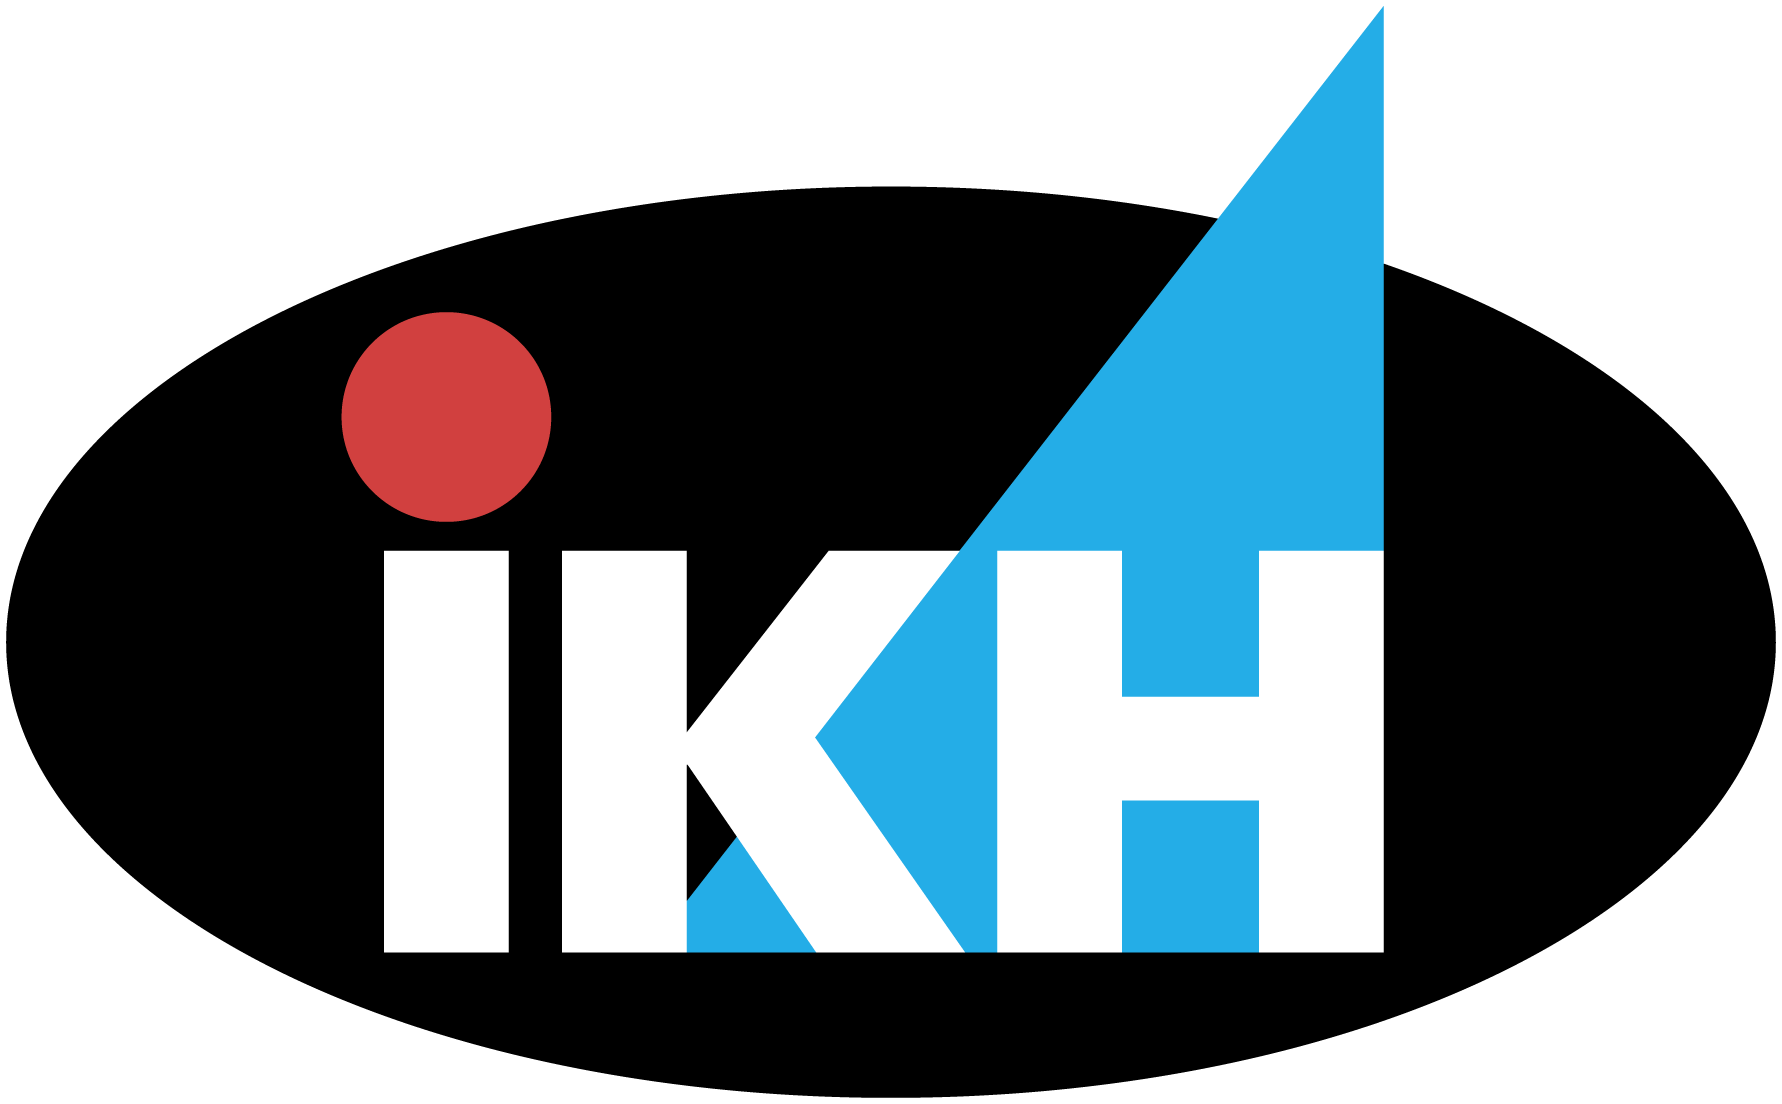 logo-ikh